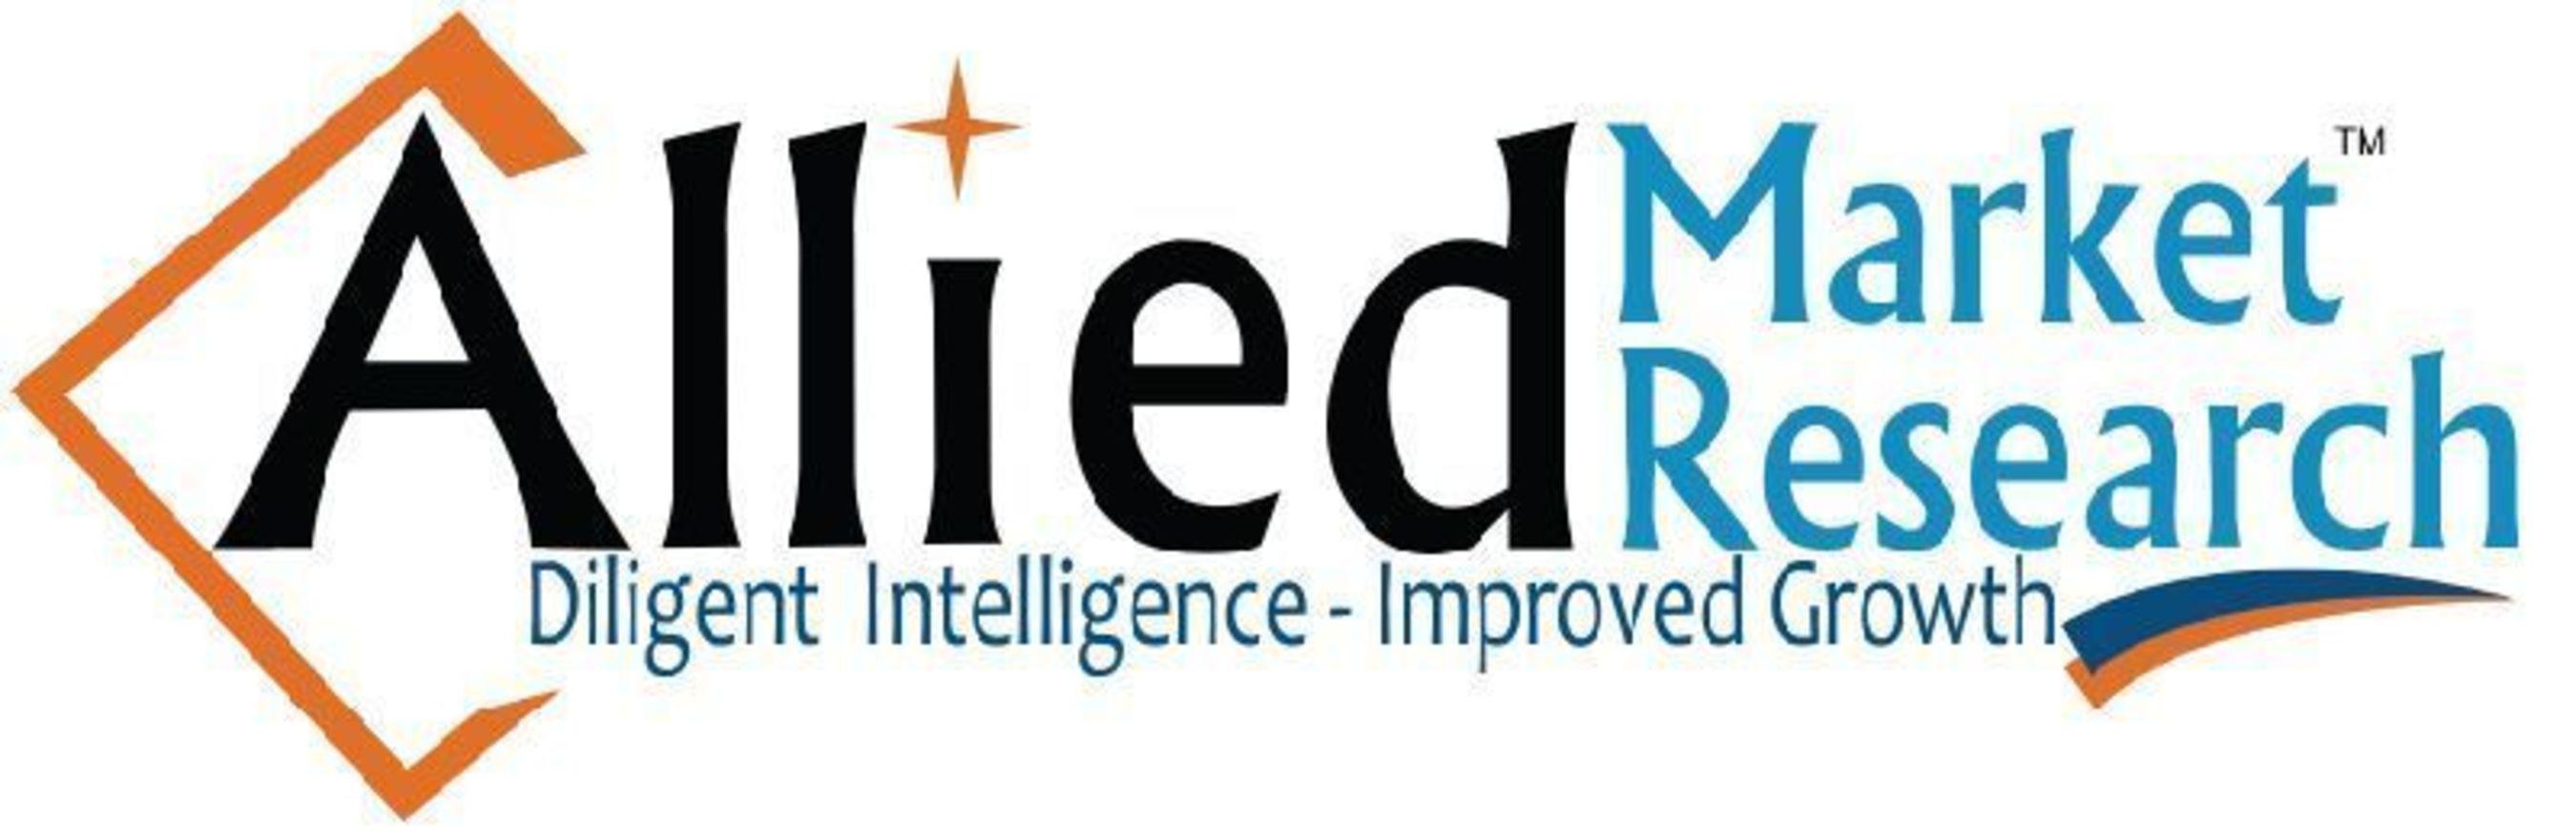 Allied Market Research Logo (PRNewsFoto/ALLIED MARKET RESEARCH)